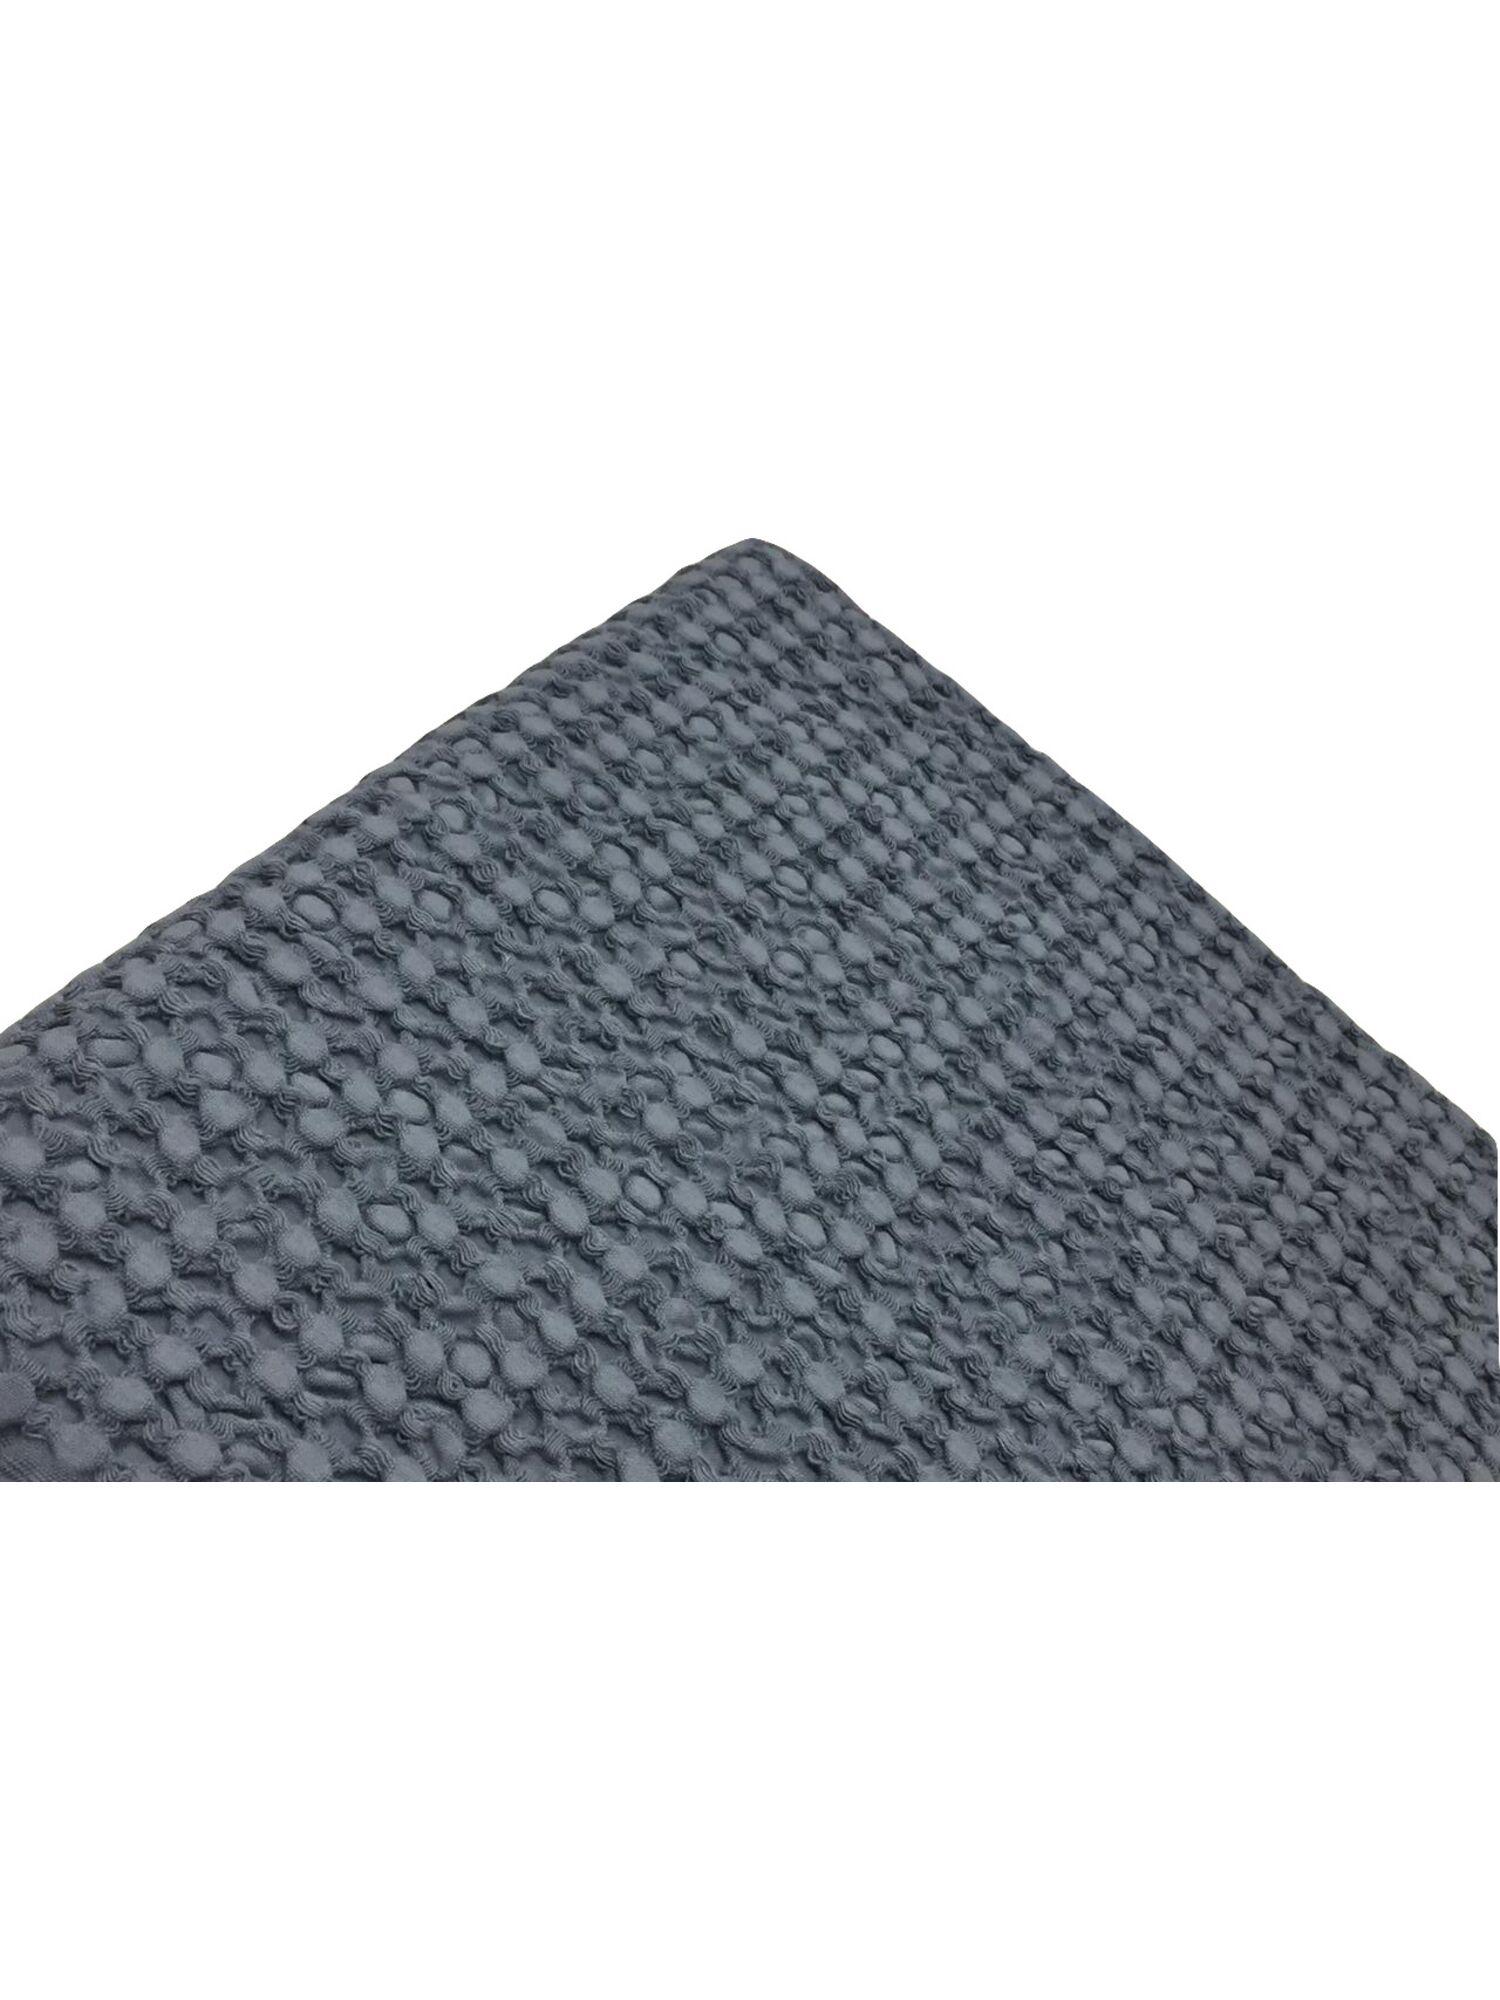 Плед вафельный SIMONA с кисточками, натуральный хлопок,130*150, серый (антрацит), MAISON D`OR